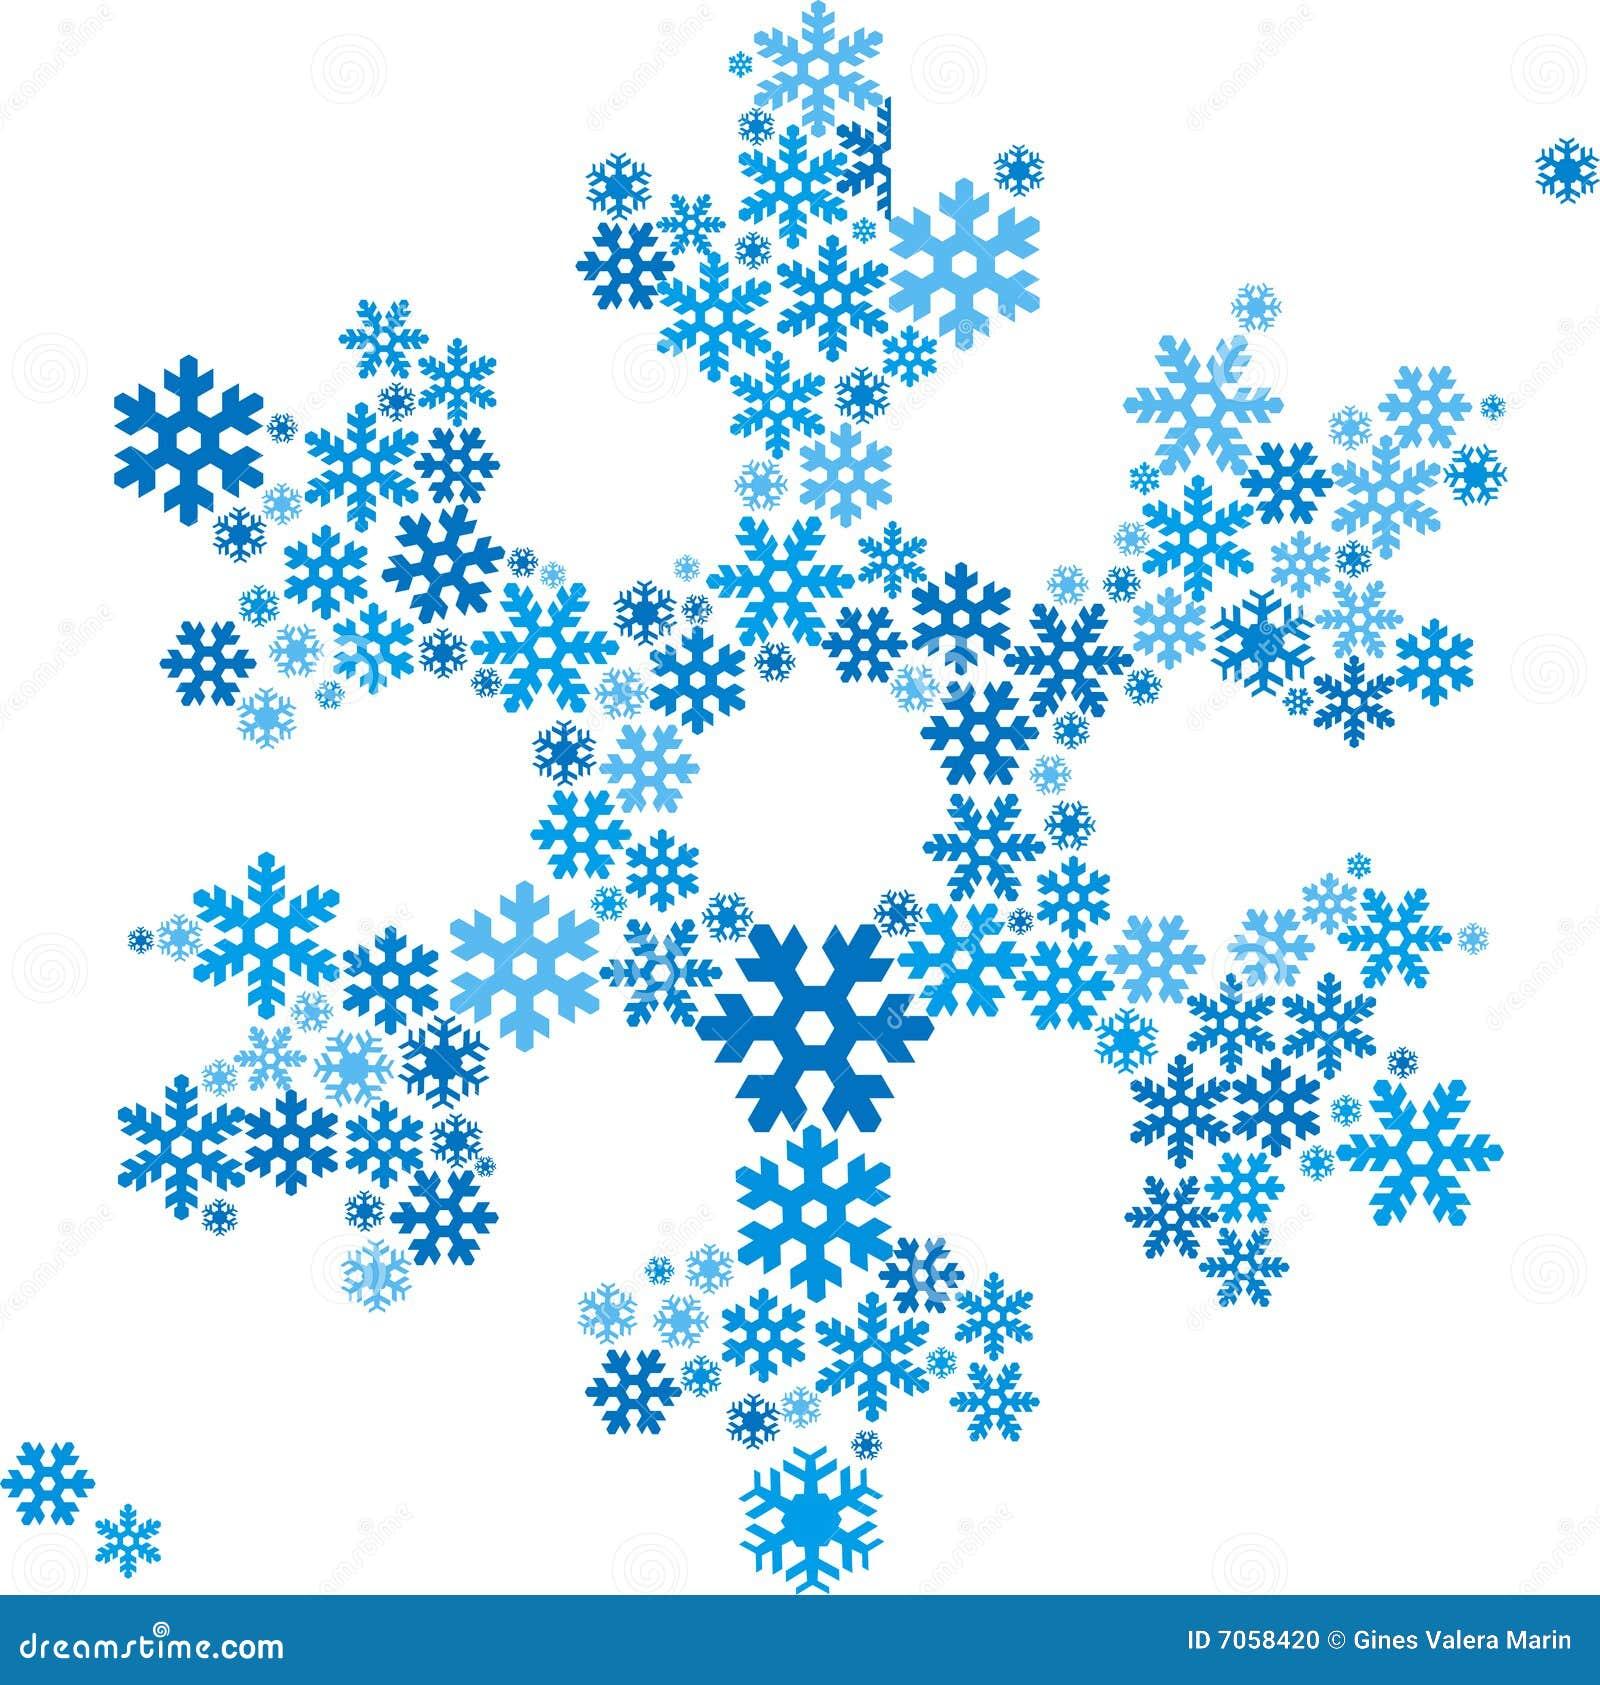 Fiocco di neve illustrazione vettoriale immagine di for Fiocco di neve da ritagliare